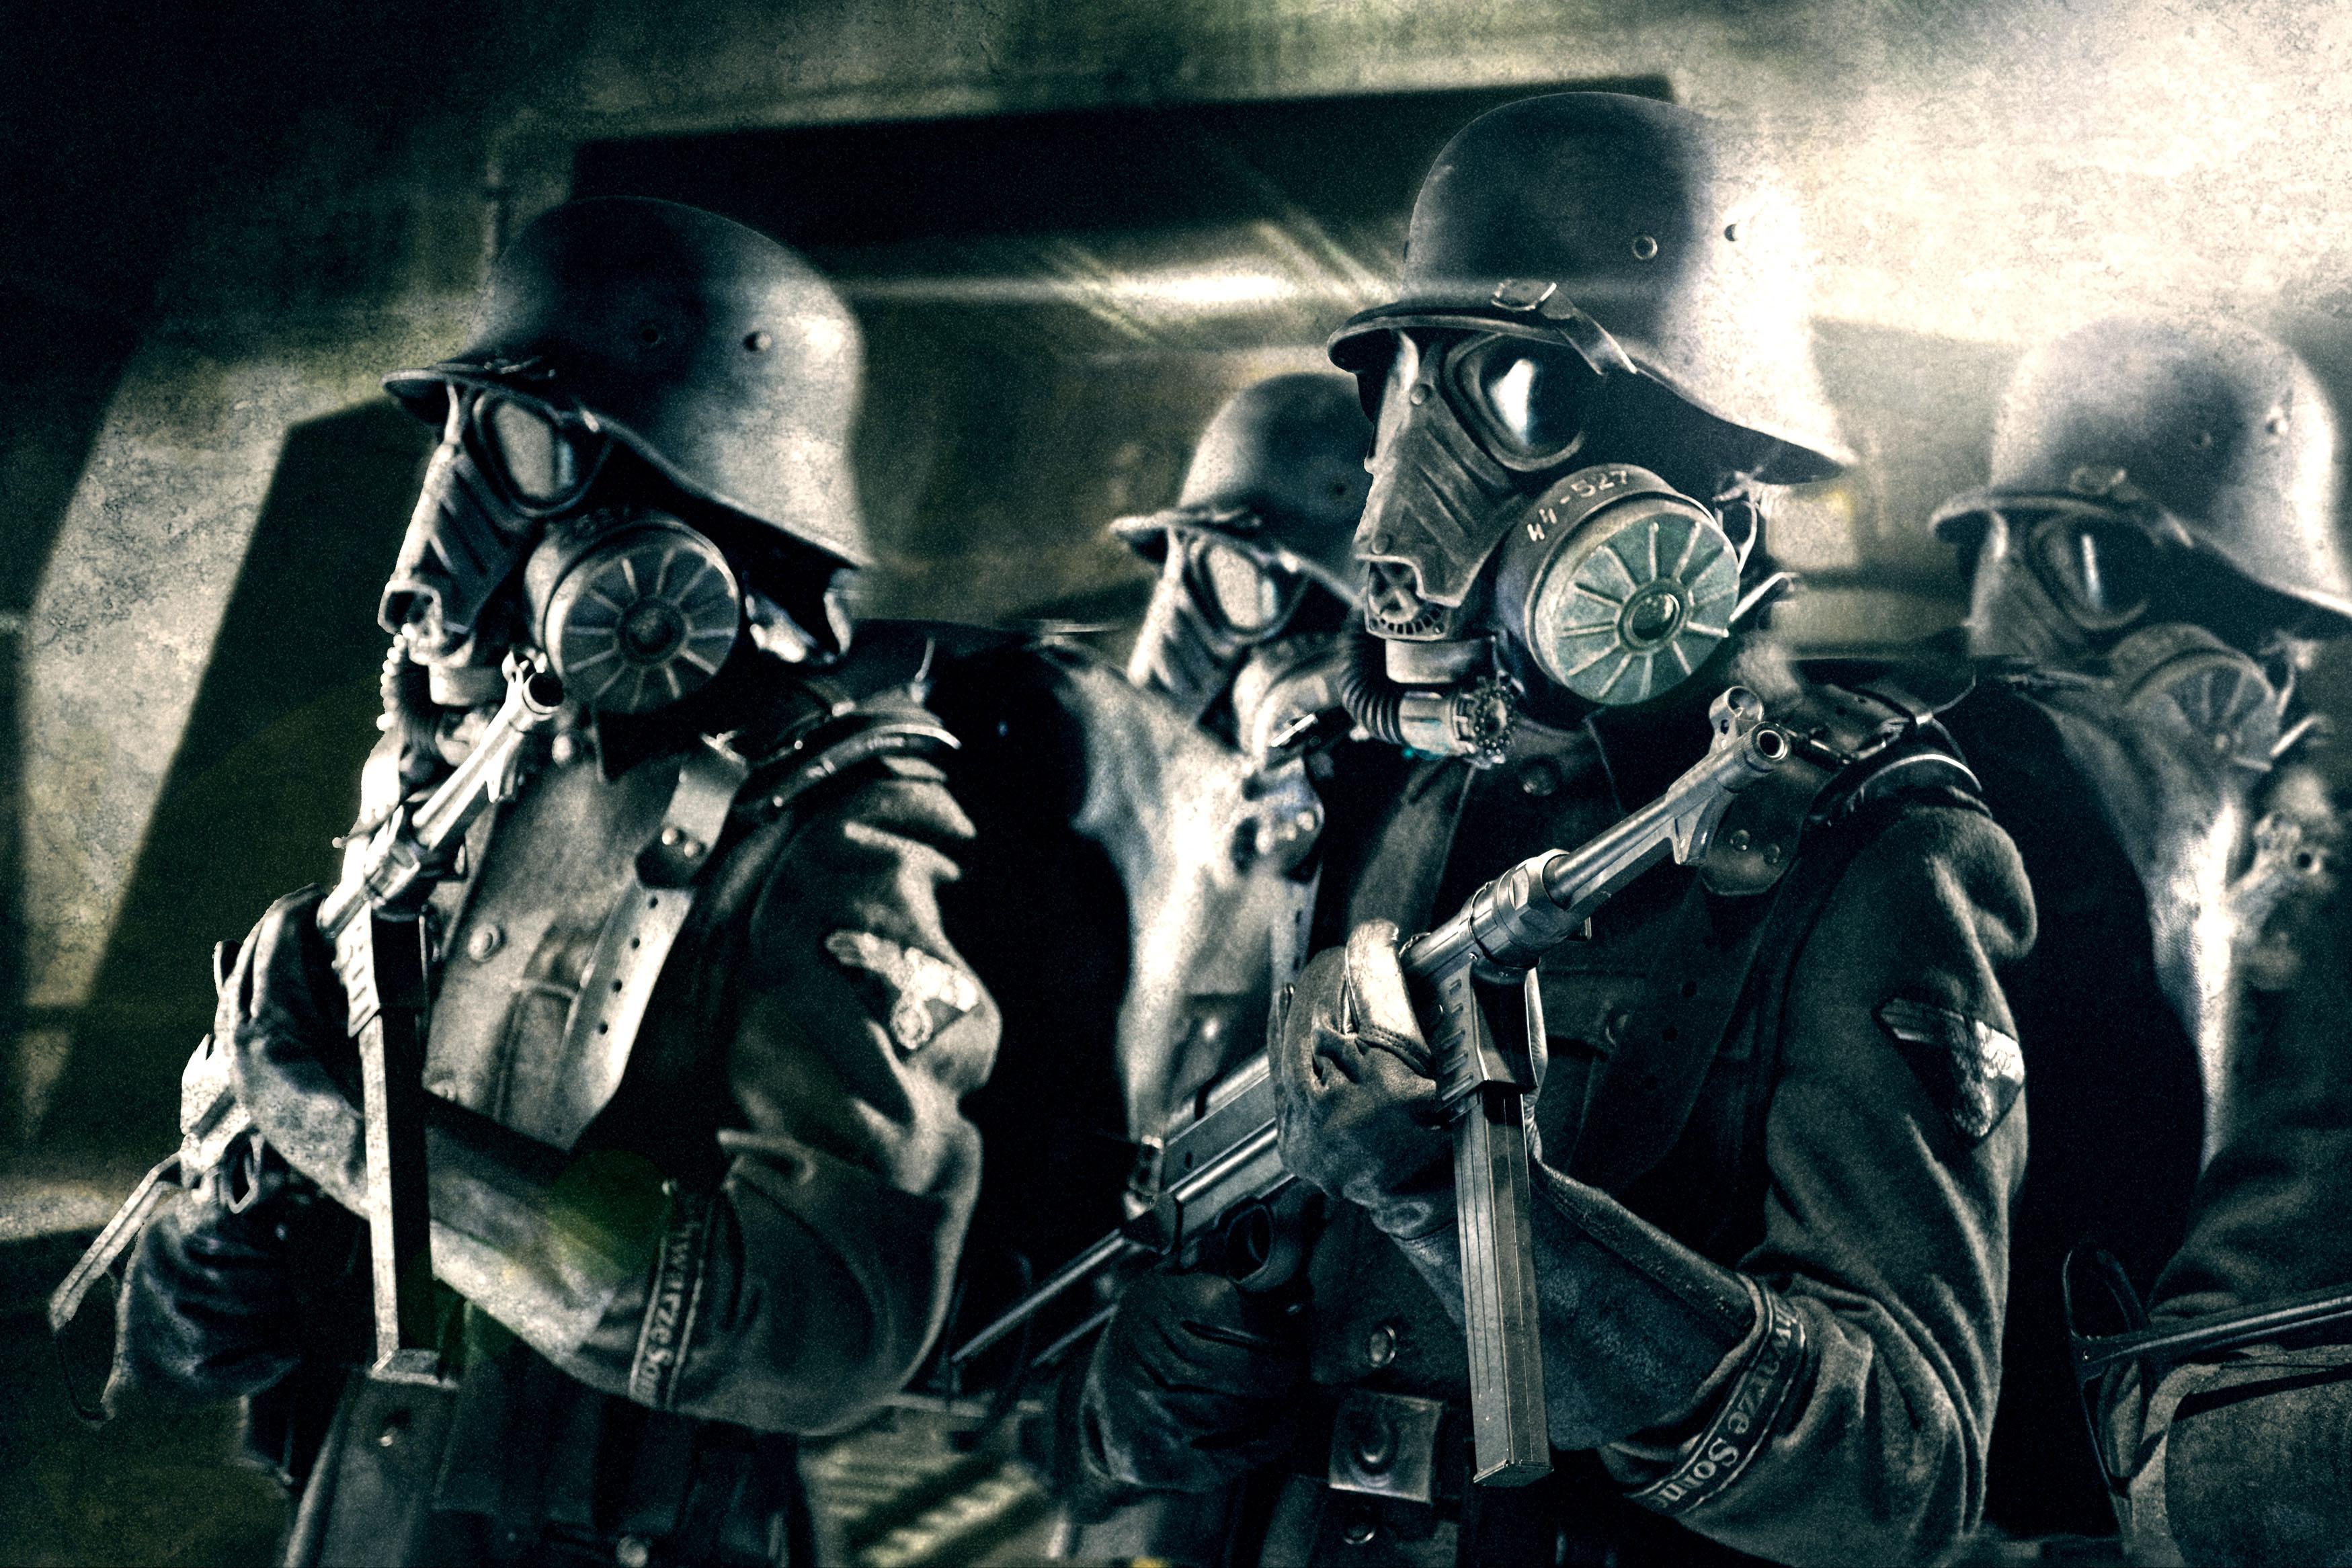 Dark Soldier Wallpaper 49137